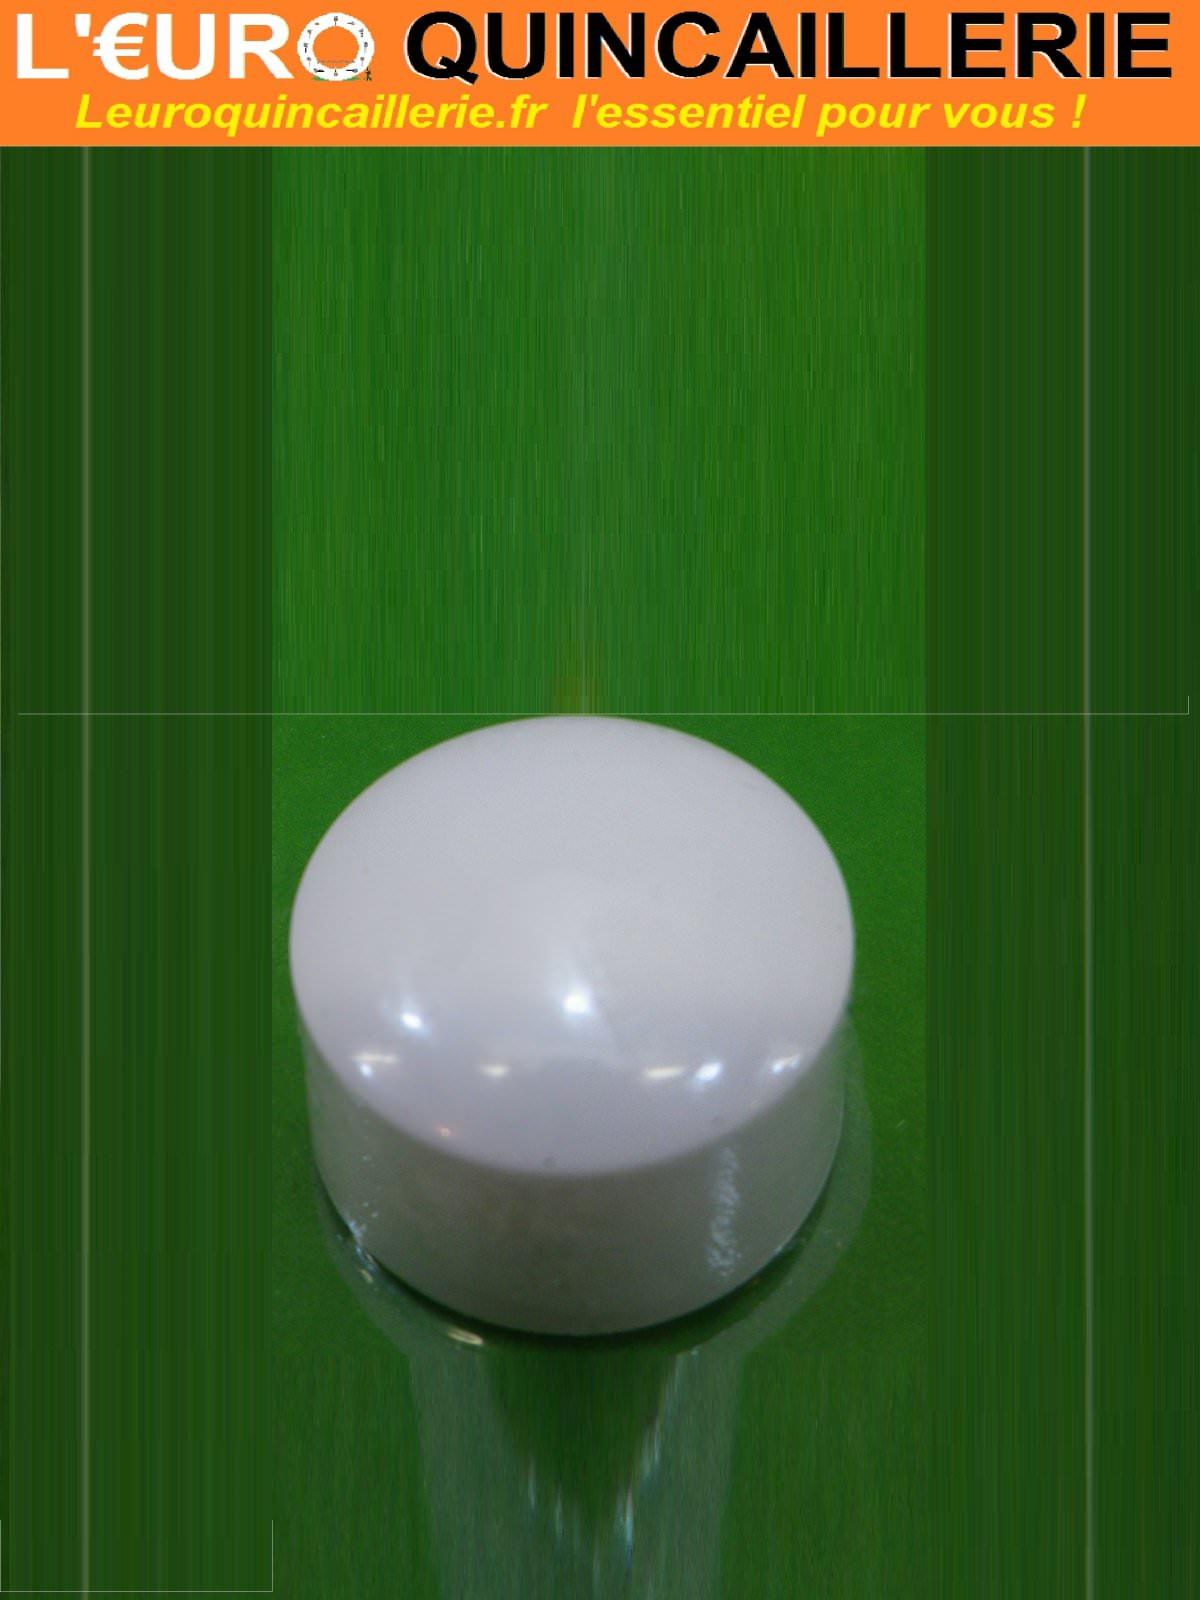 Butoir de porte adh sif blanc quincaillerie butoir for Butoir de porte mural